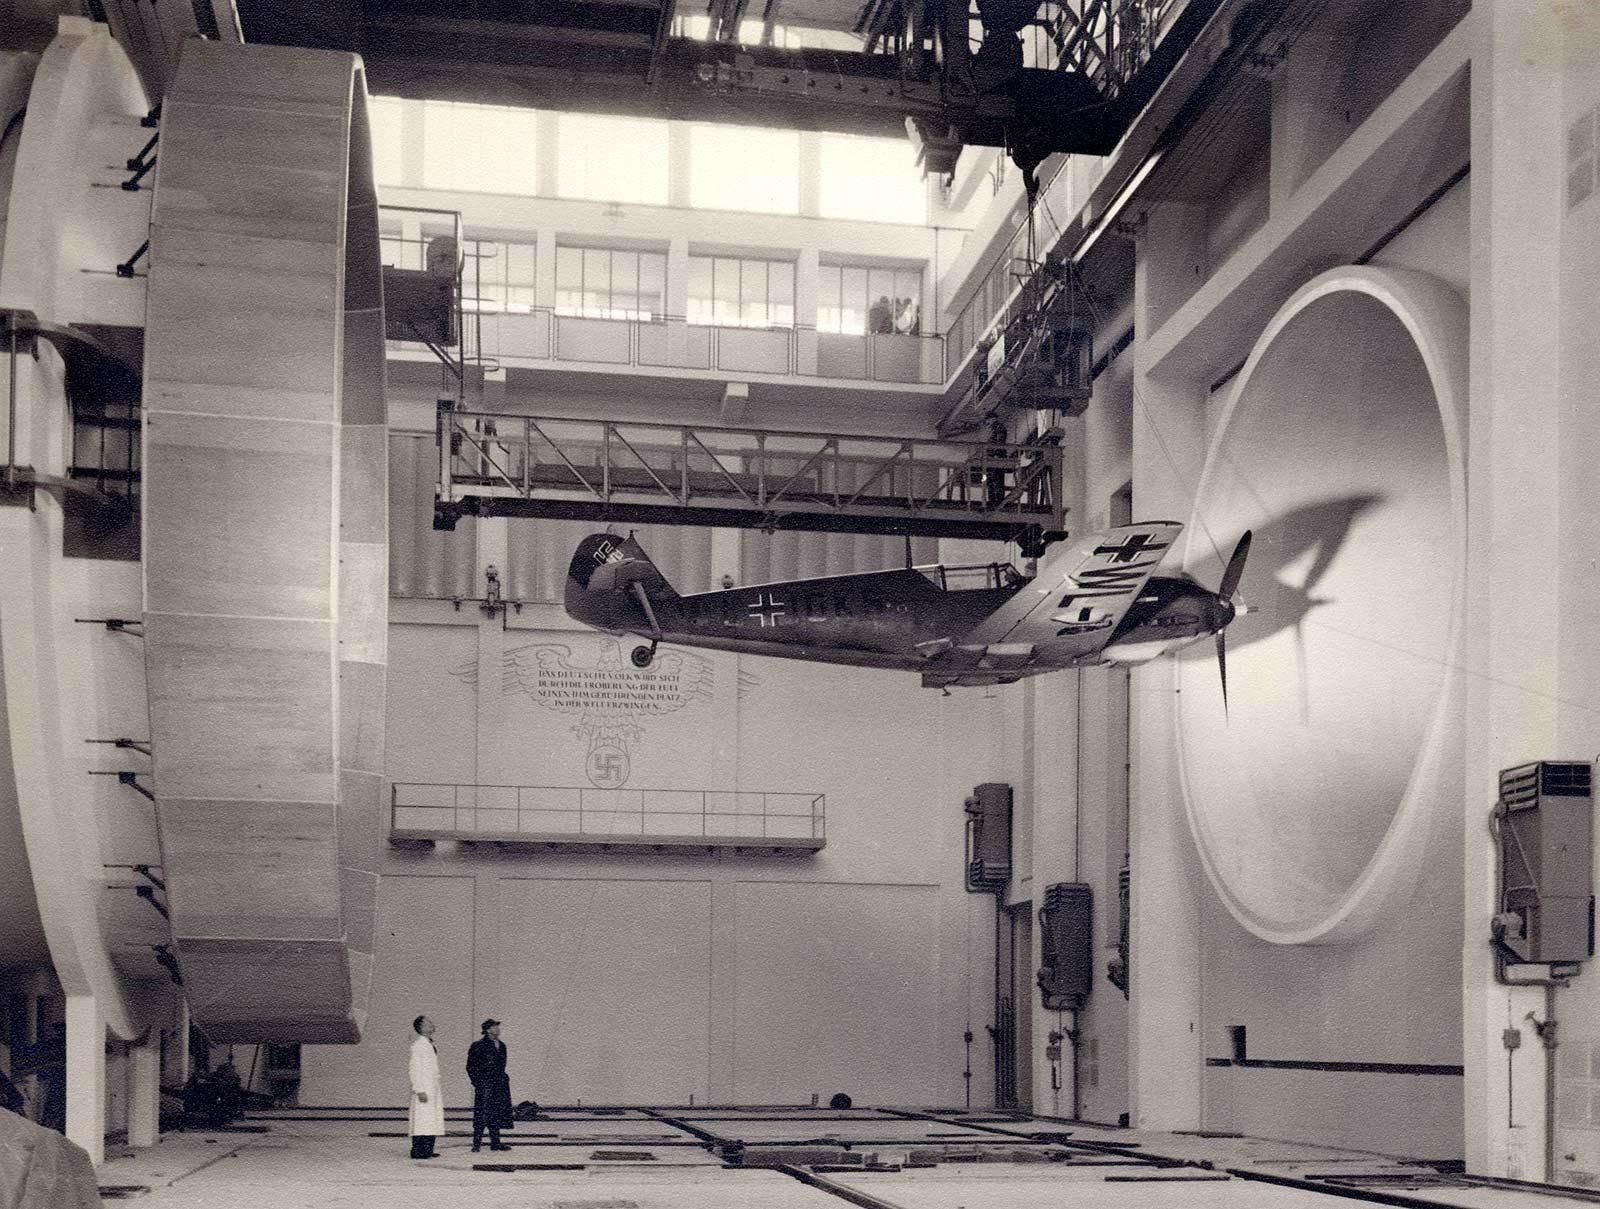 German scientists testing a Messerschmitt Bf 109, 1940.